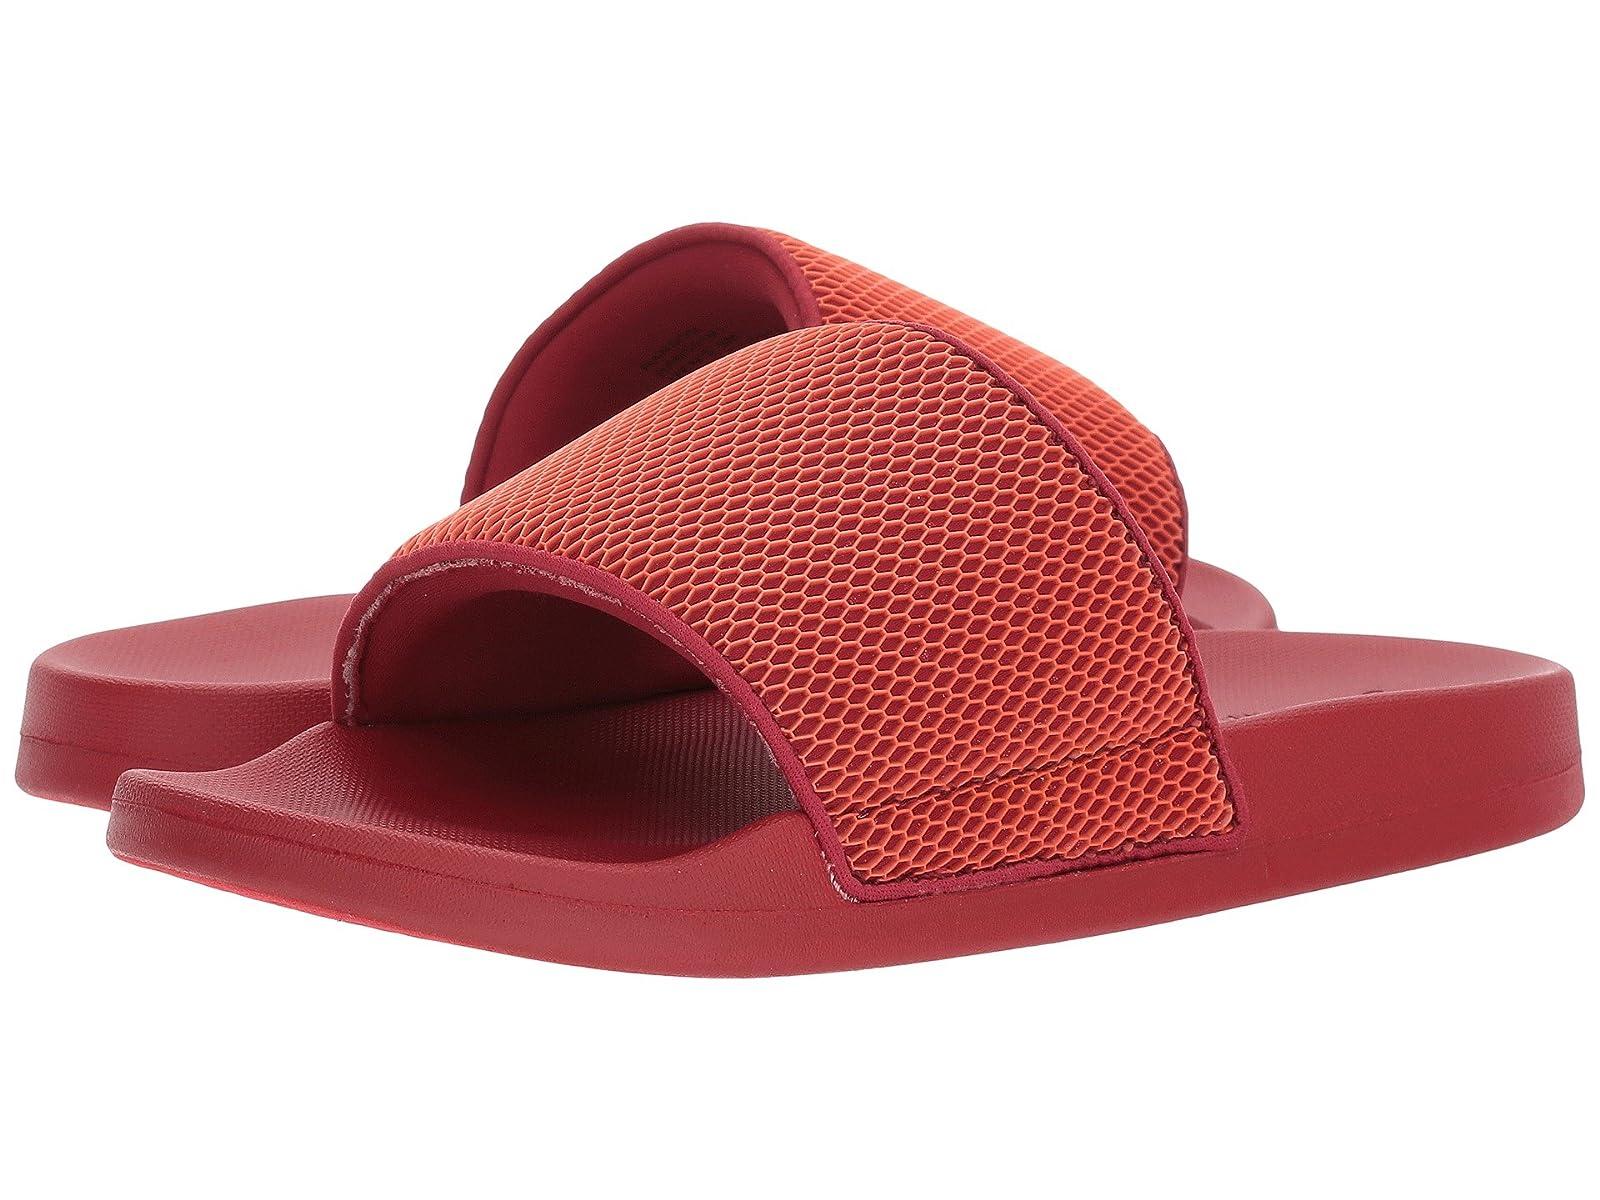 Steve Madden RansomAtmospheric grades have affordable shoes